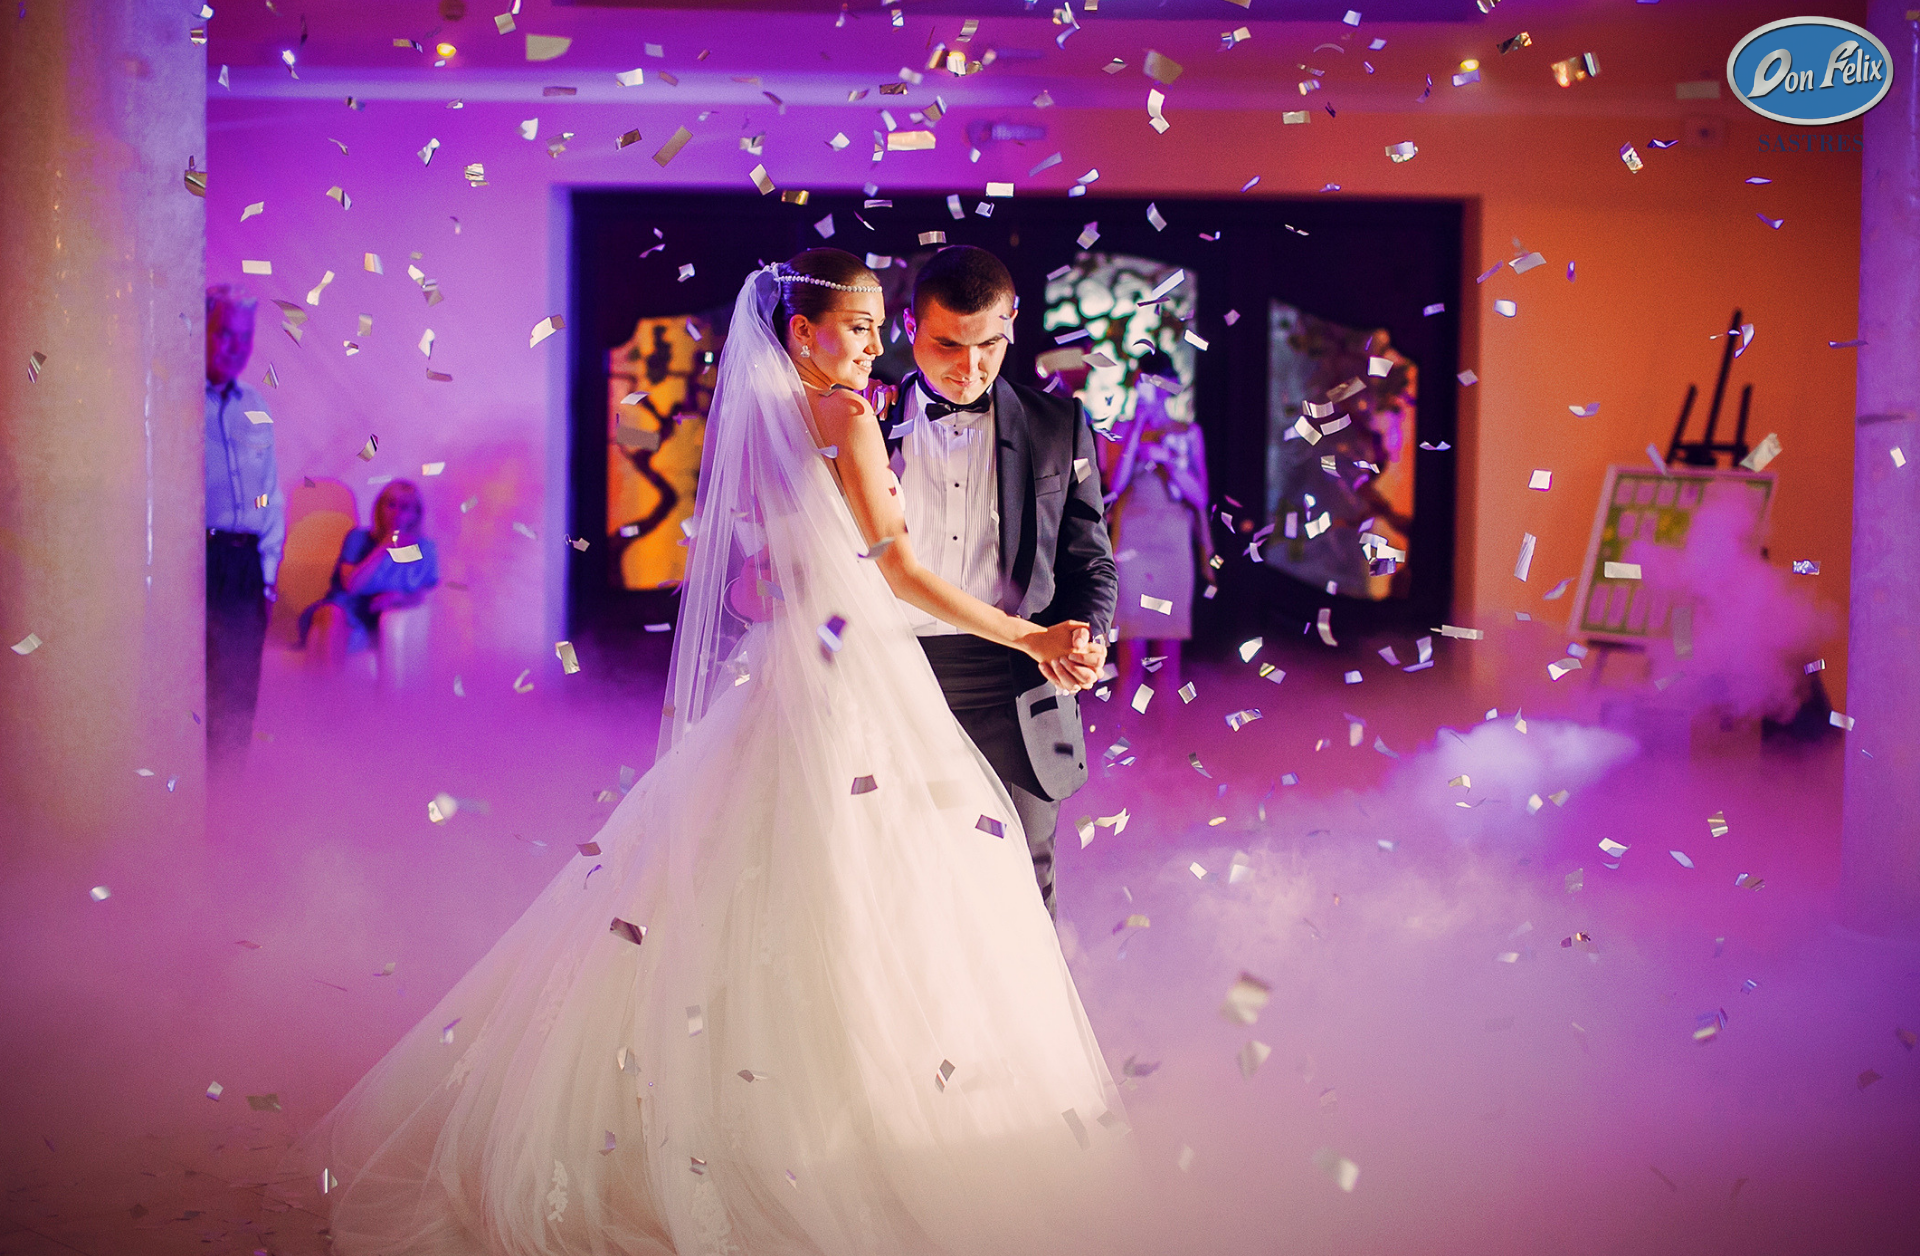 10 tradiciones de bodas españolas que debes conocer.